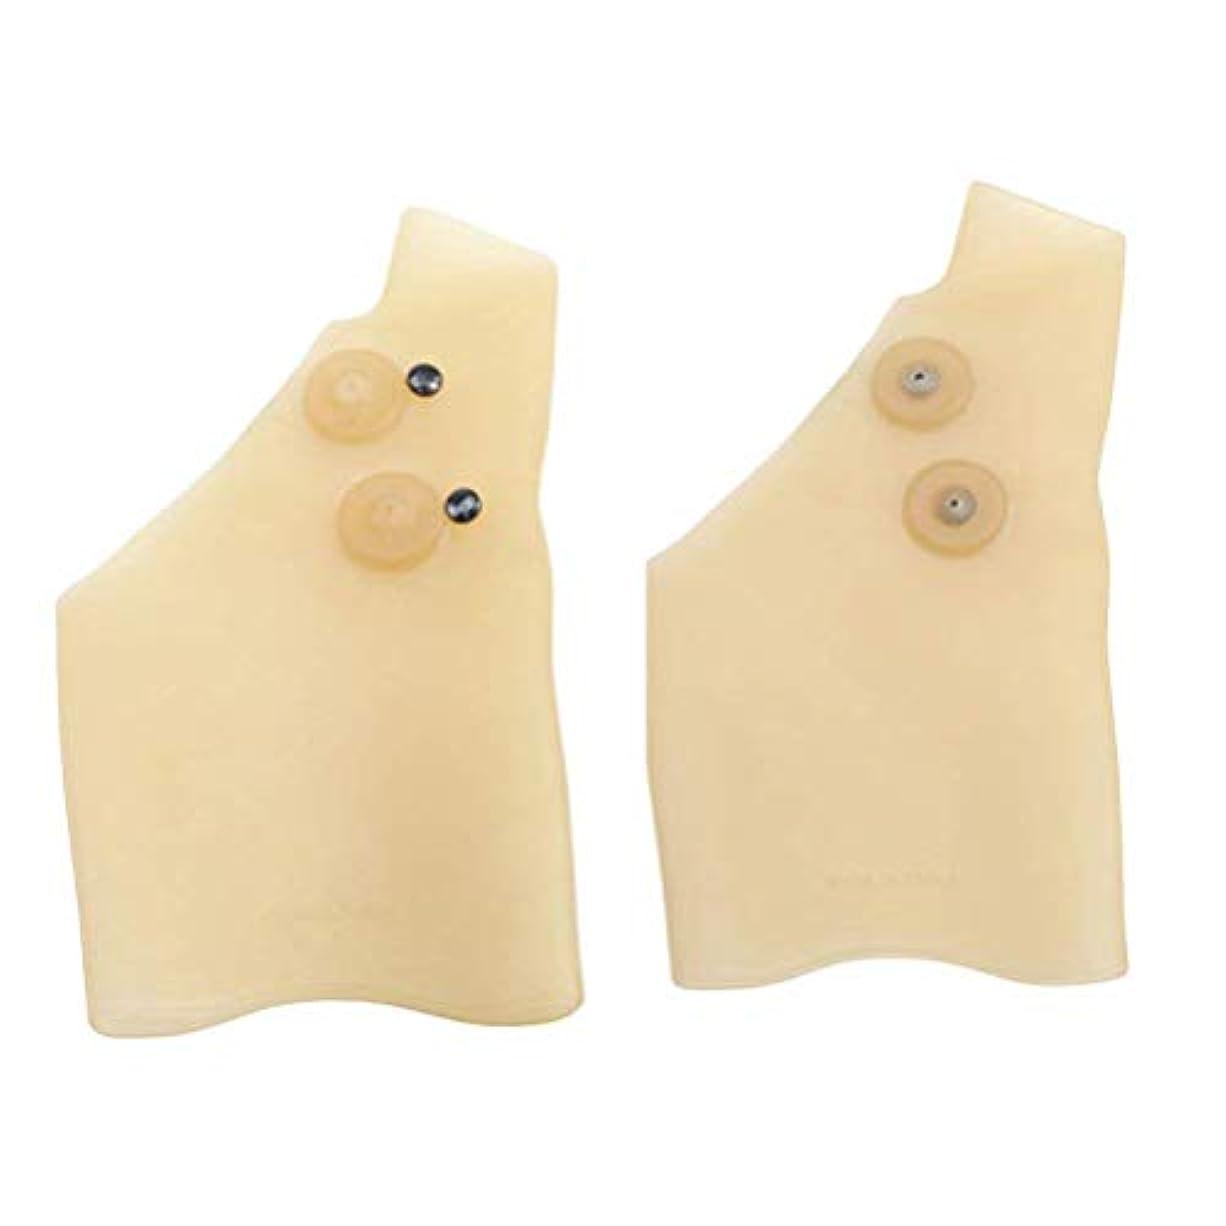 予見するサイト修復腱鞘炎痛みを軽減する男性の女性のための防水1ペア弾性シリコーンゲル手首のサポートブレースジェル手首ブレース手根管手首のブレース